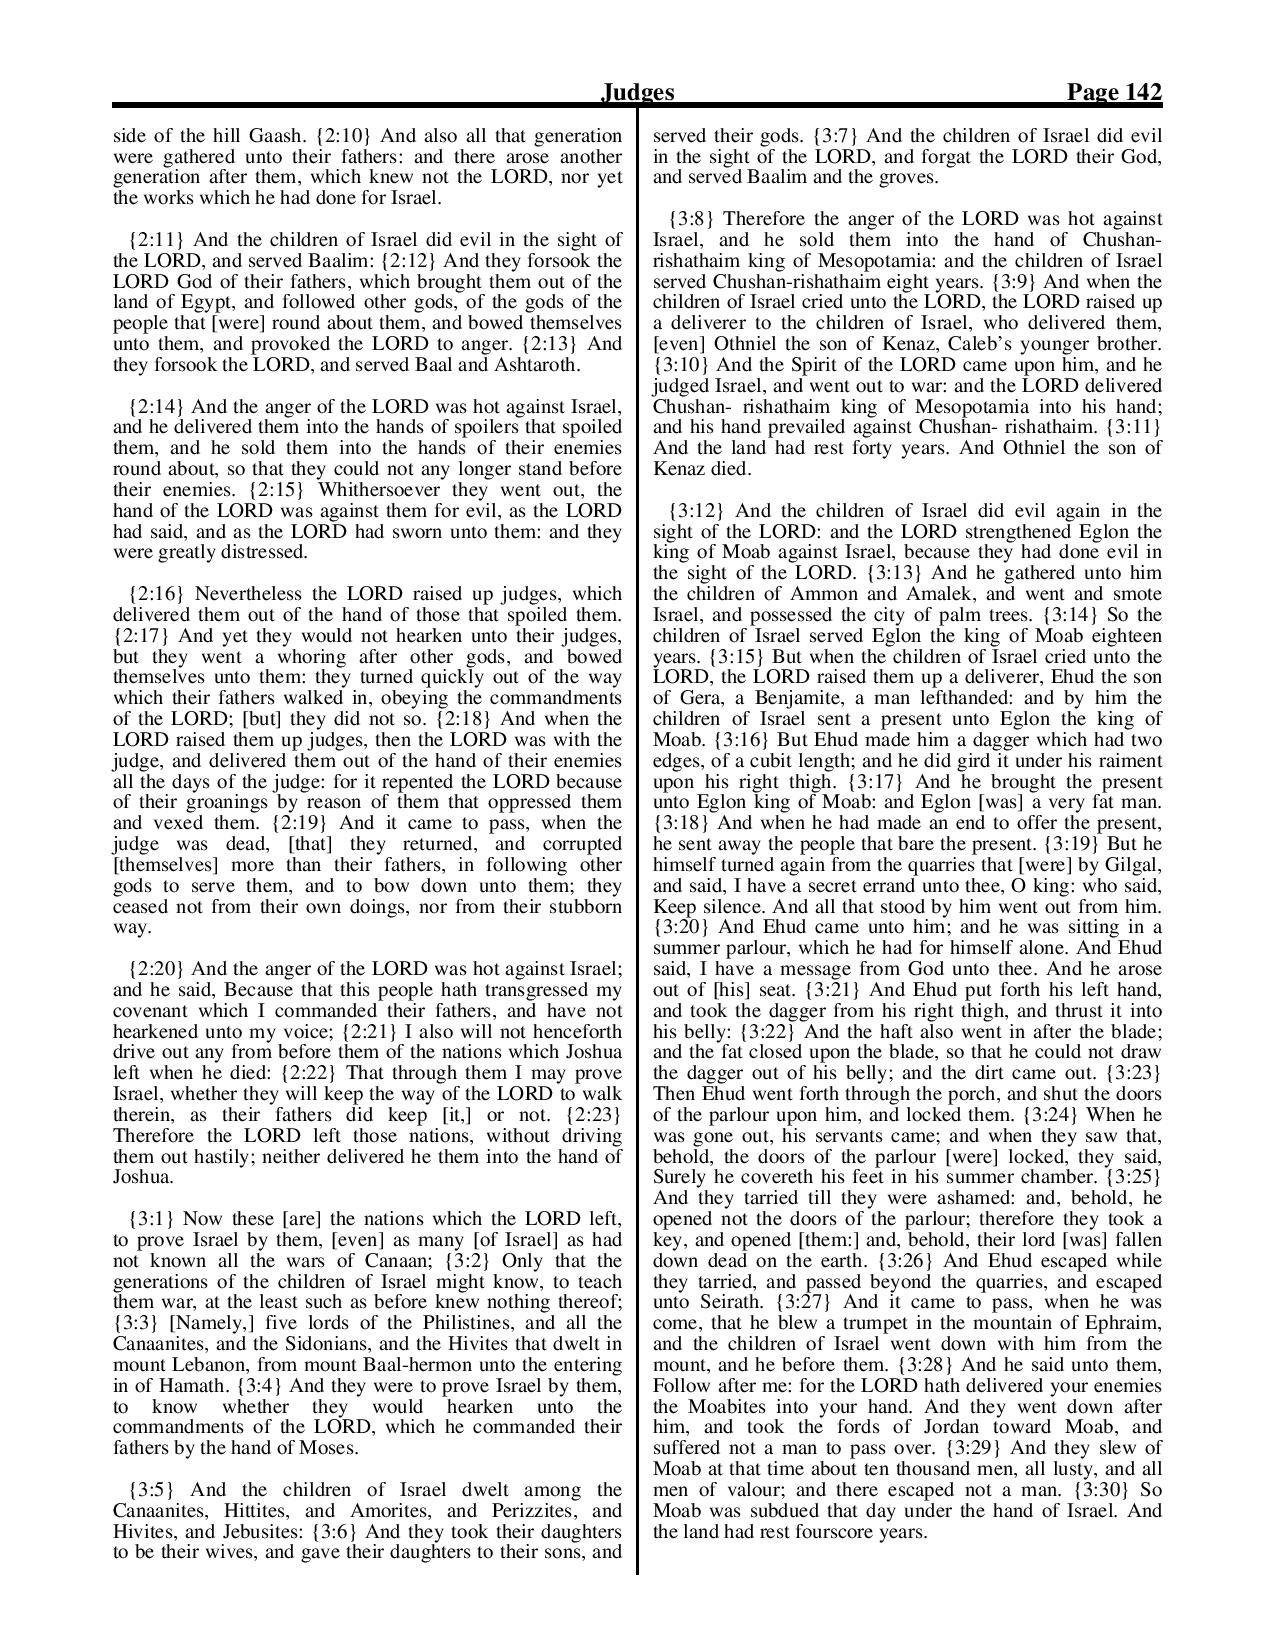 King-James-Bible-KJV-Bible-PDF-page-163